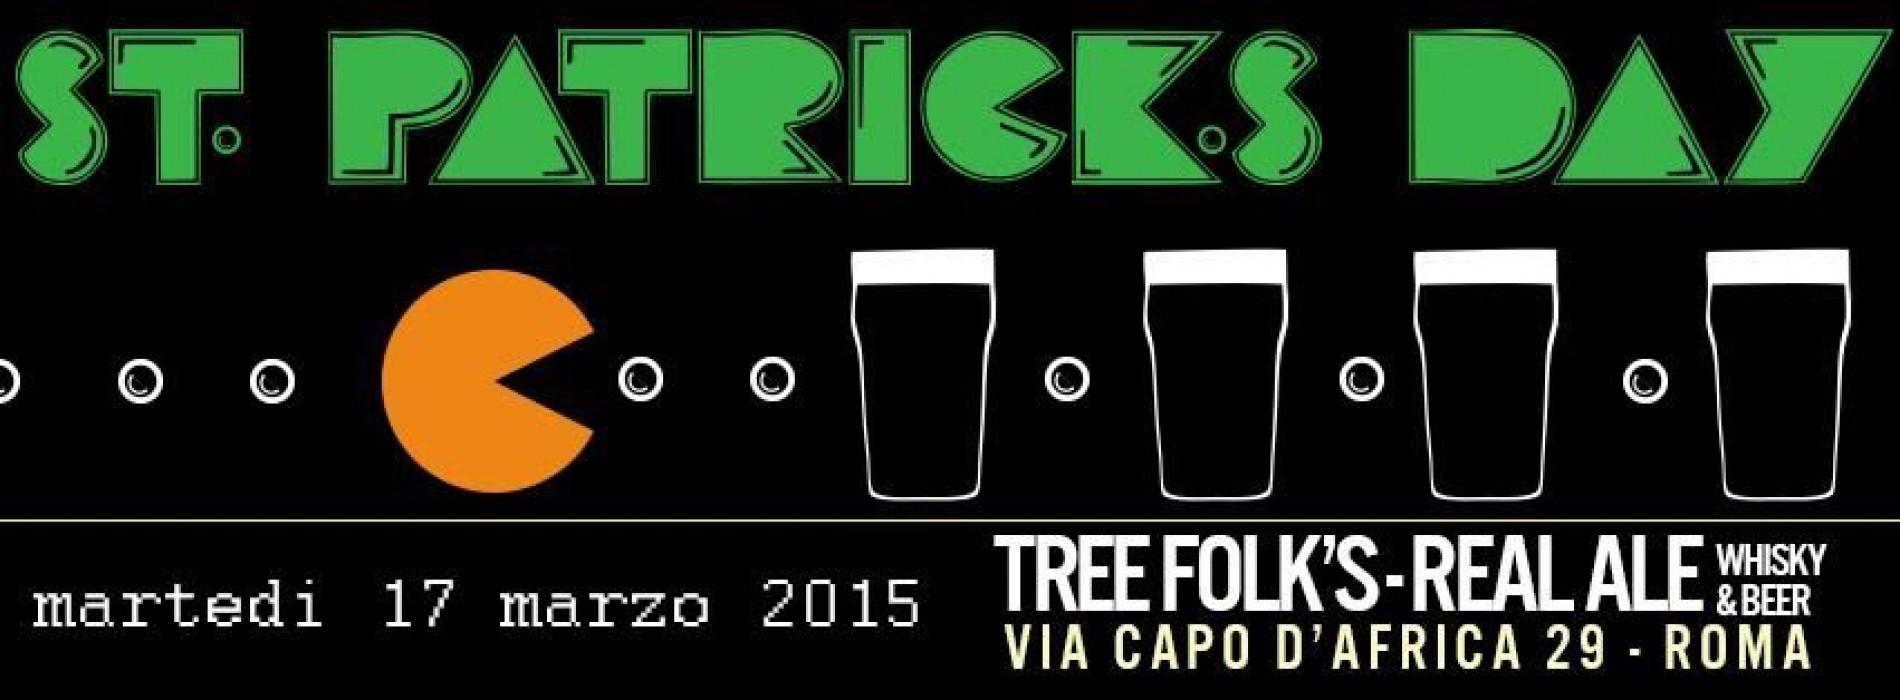 Festa di San Patrizio a Roma, Milano, Firenze e Napoli: tutti gli eventi (e fiumi di birra) per il Saint Patrick's Day italiano